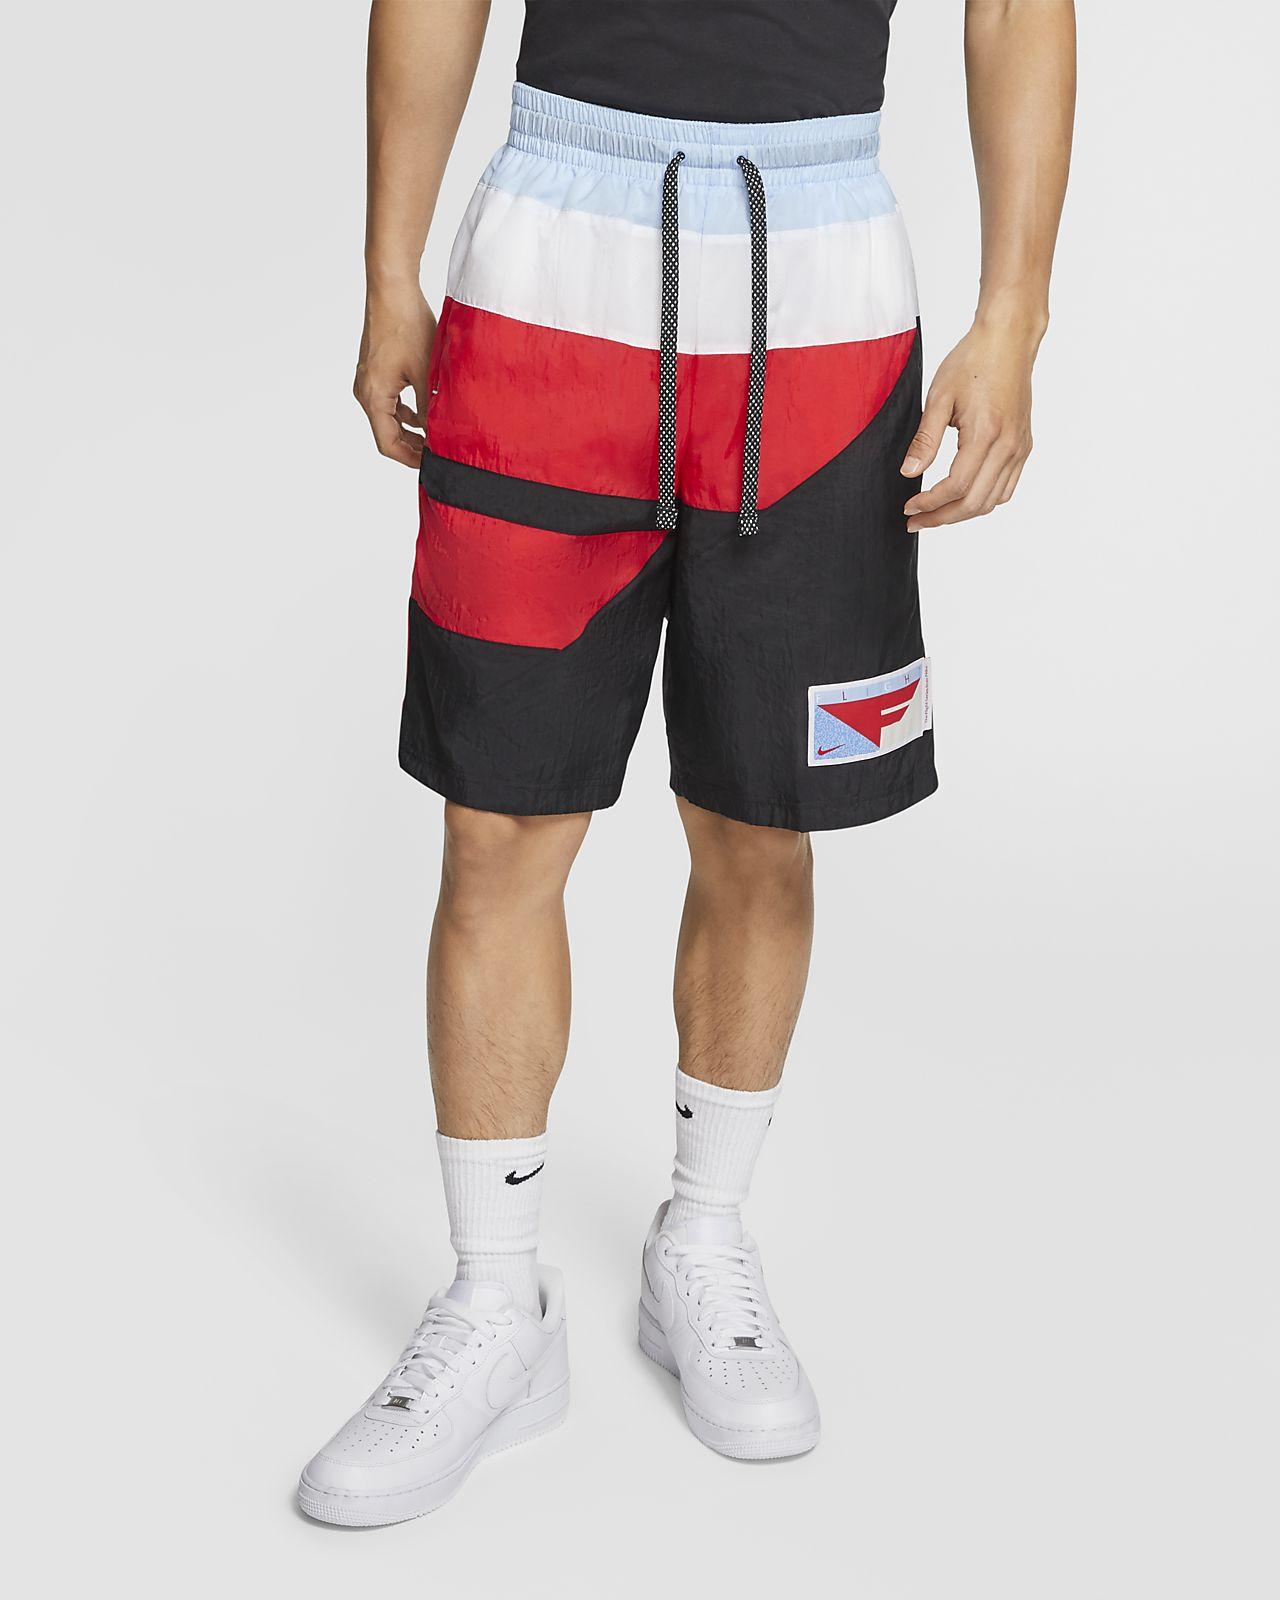 Short de basketball Nike Flight pour Homme